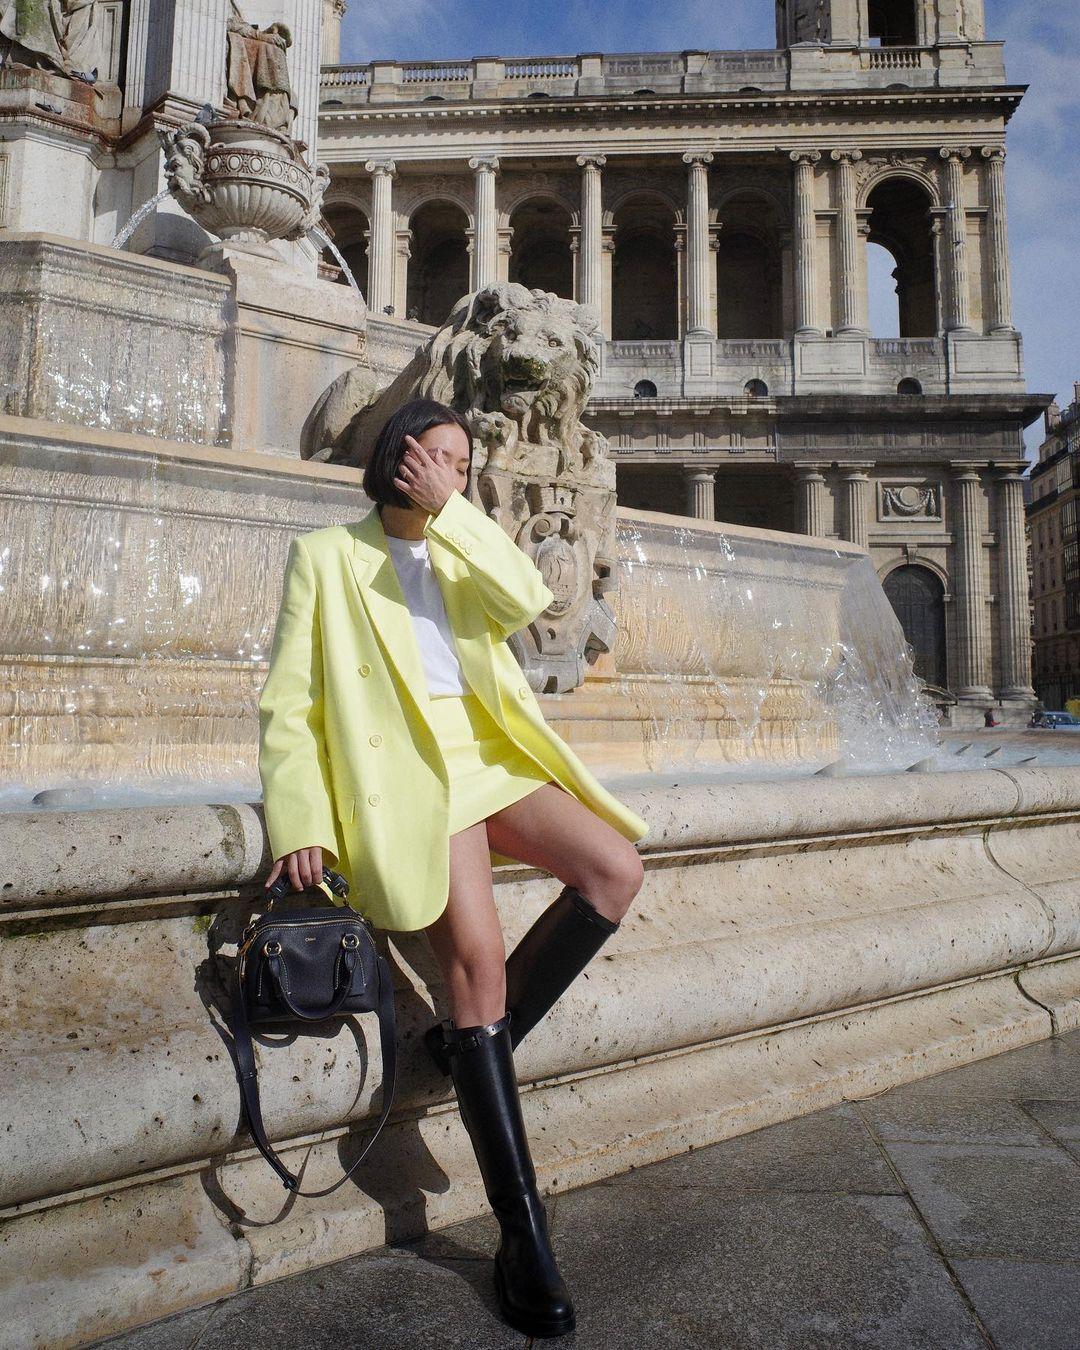 cô gái mặc áo vest vàng chân váy cùng màu